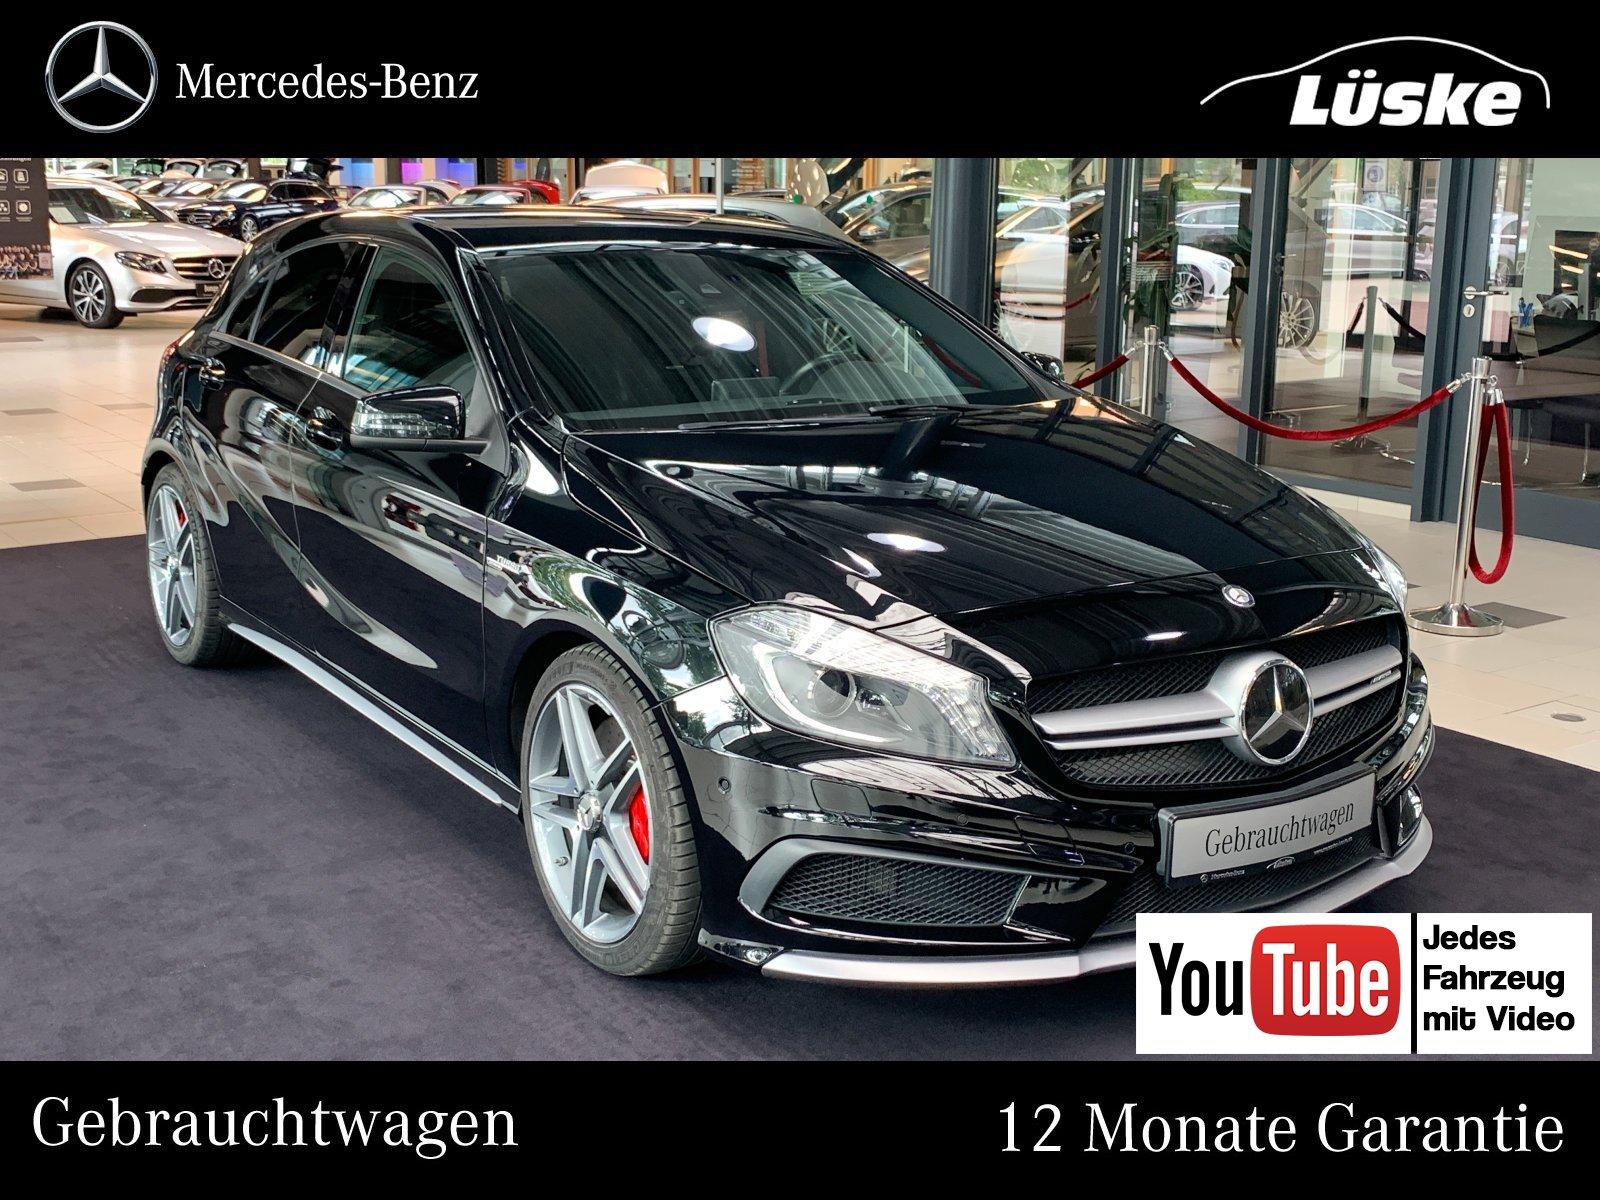 Mercedes-Benz A 45 AMG 4M Performance AbGasanlage + Sitze ILS, Jahr 2014, Benzin